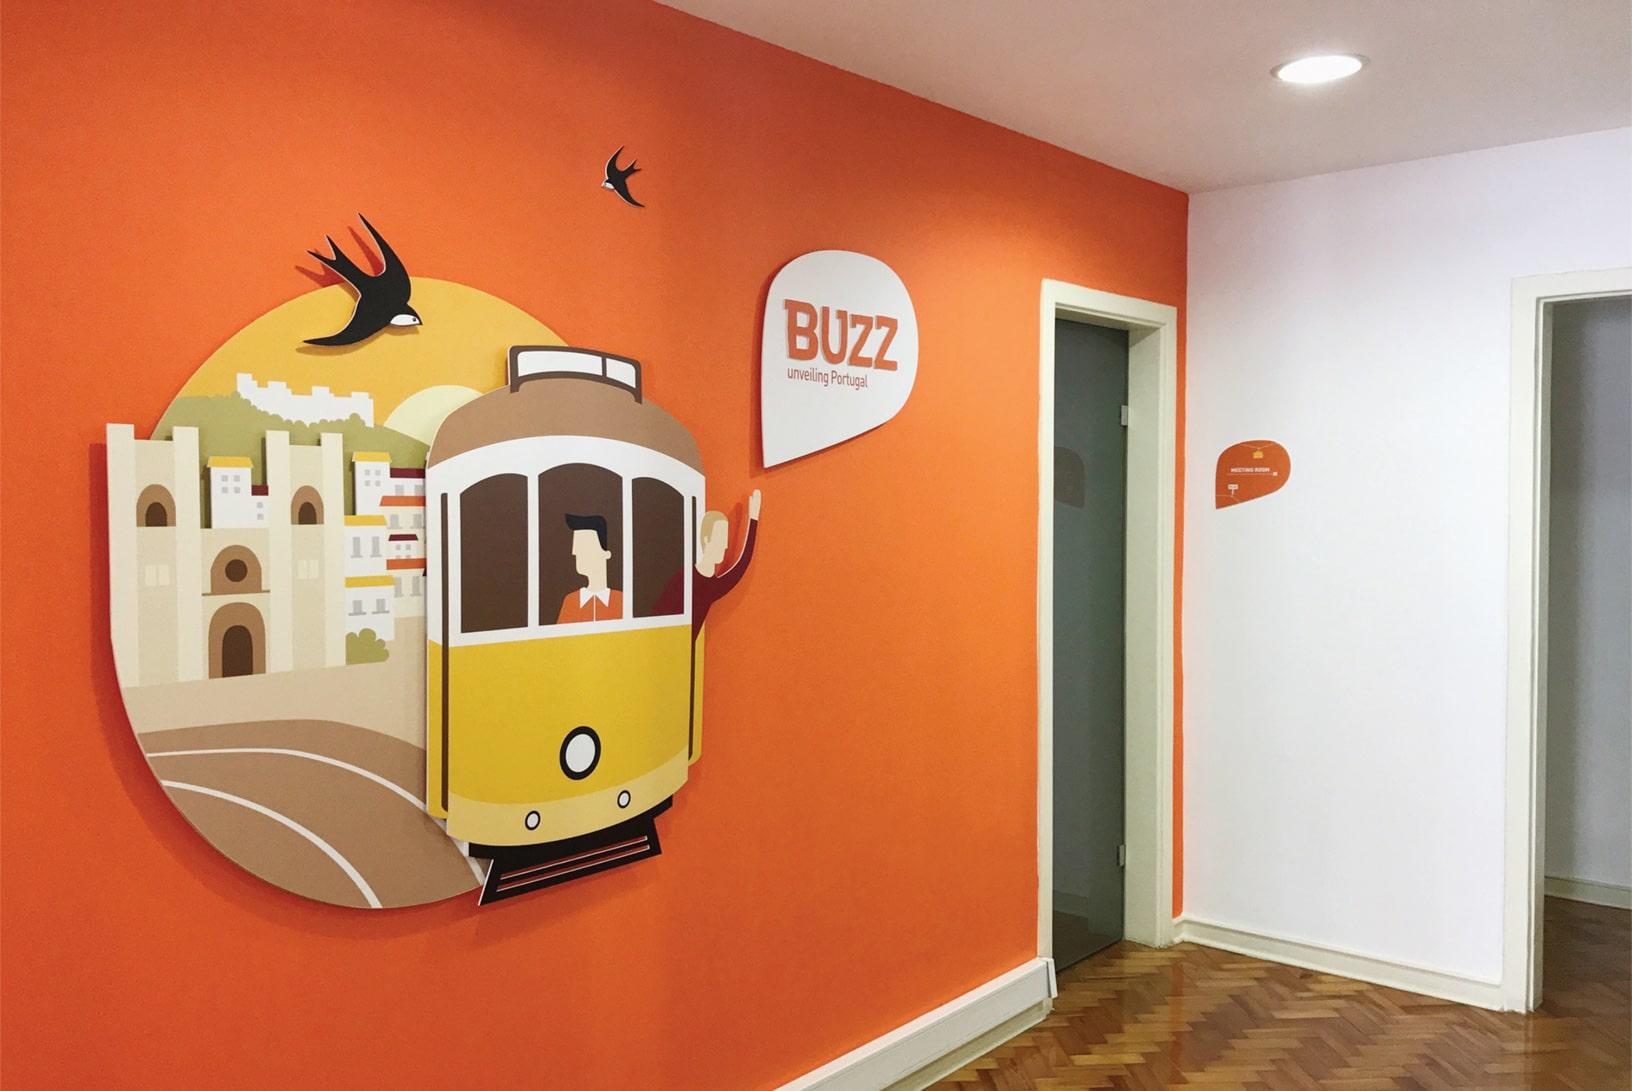 projeto de branding para a marca portuguesa Buzz